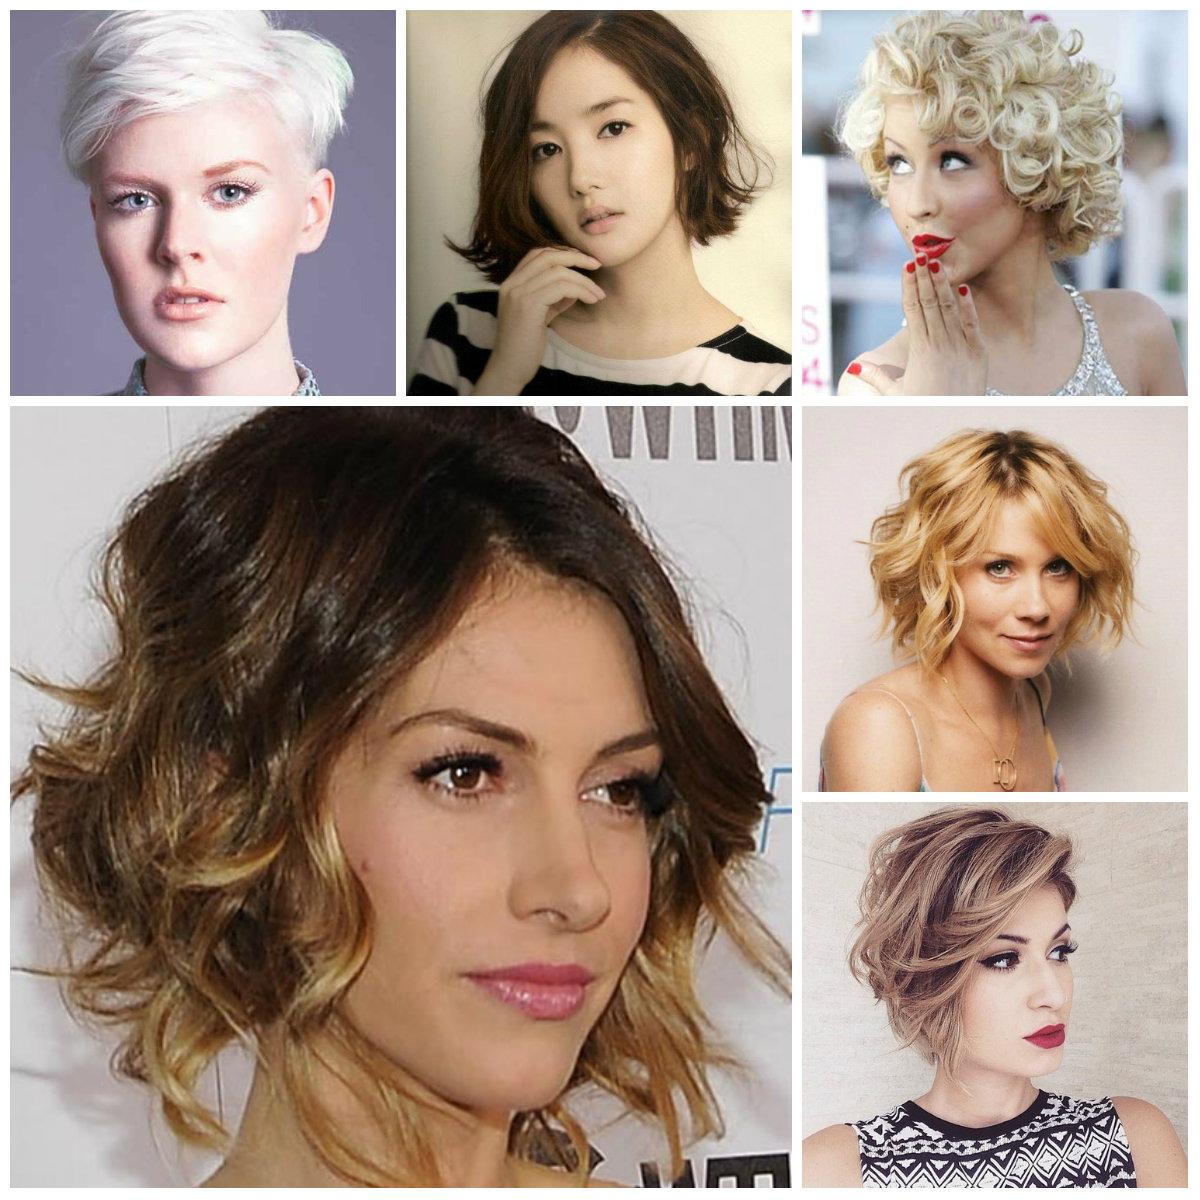 Kurze unordentliche Frisur Inspiration für Neu